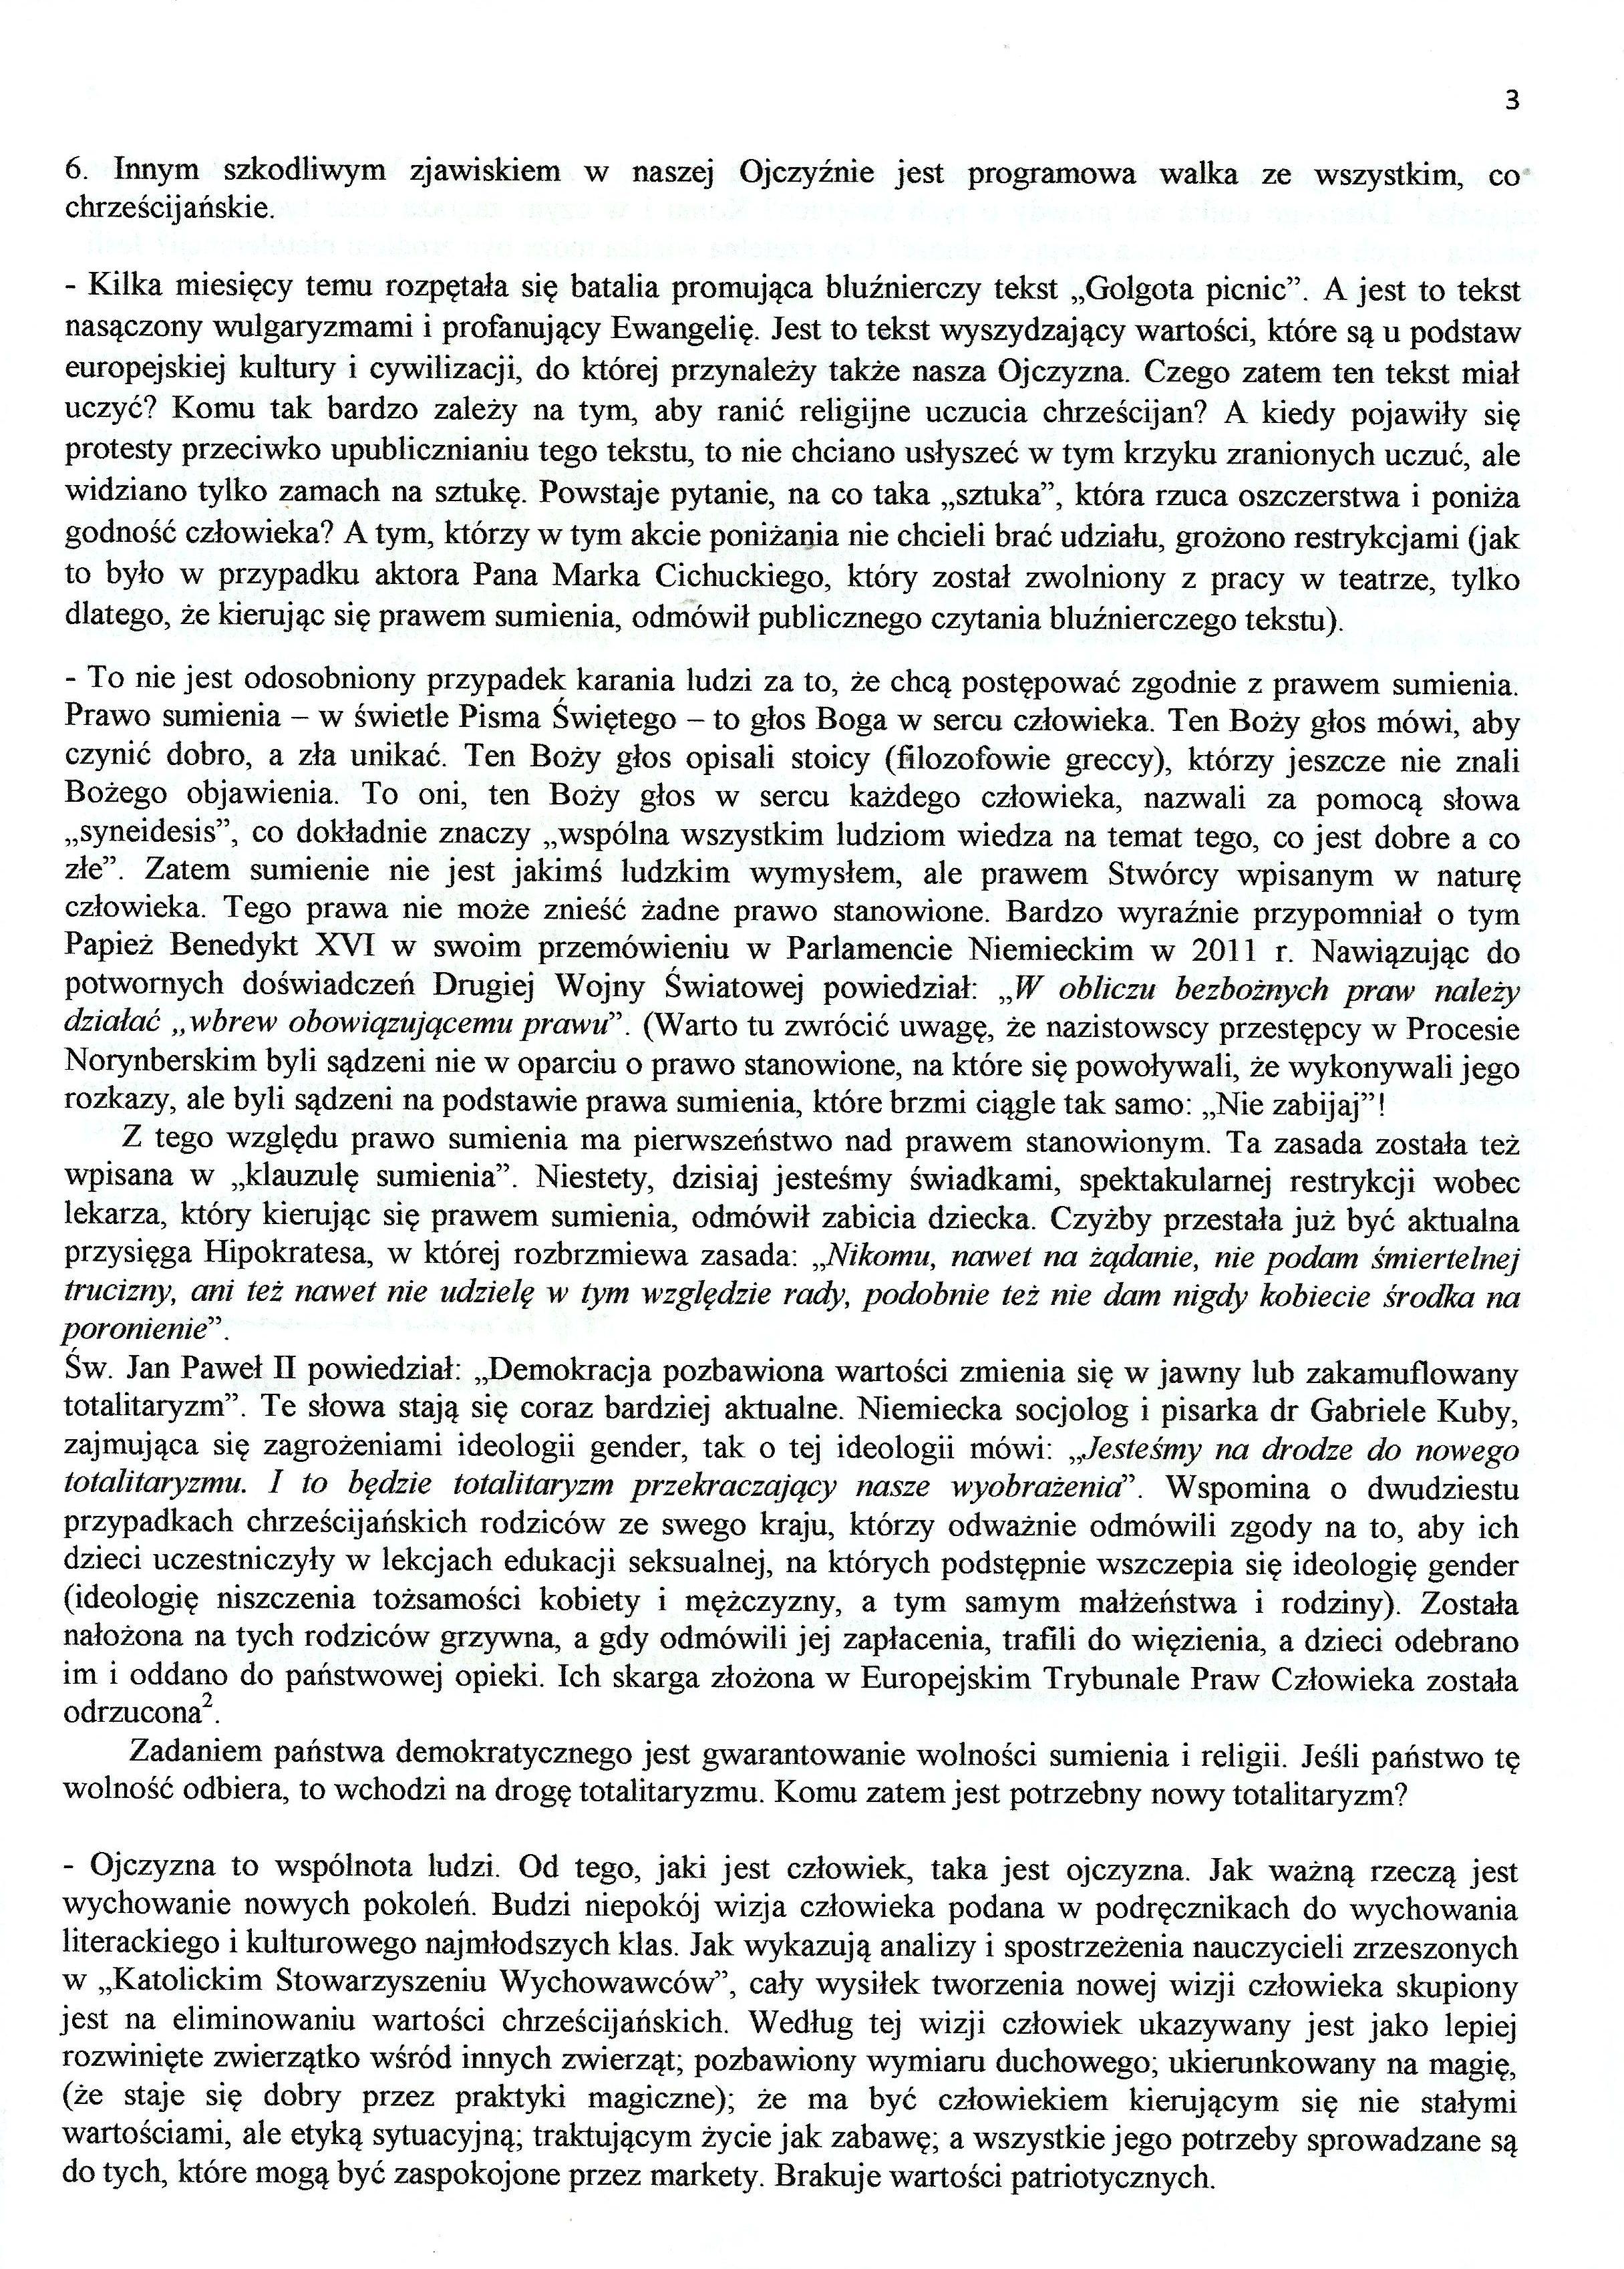 OJCZYZNA TO DAR I ZBIOROWYOBOWIĄZEK - bp Wiesław Szlachetka0003